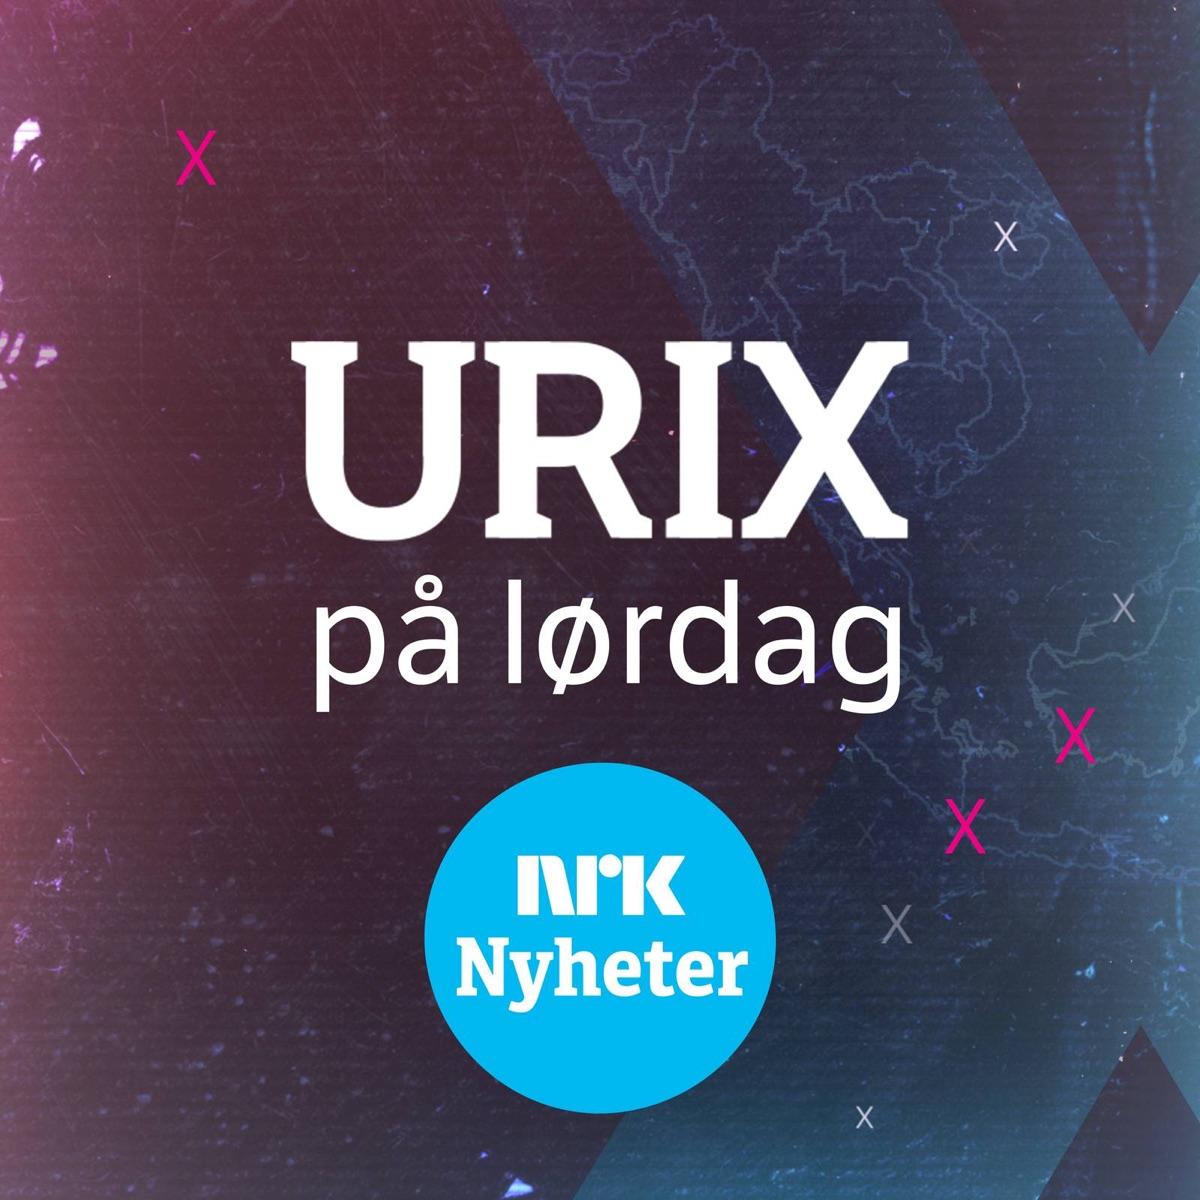 10.04.2021 Urix på lørdag